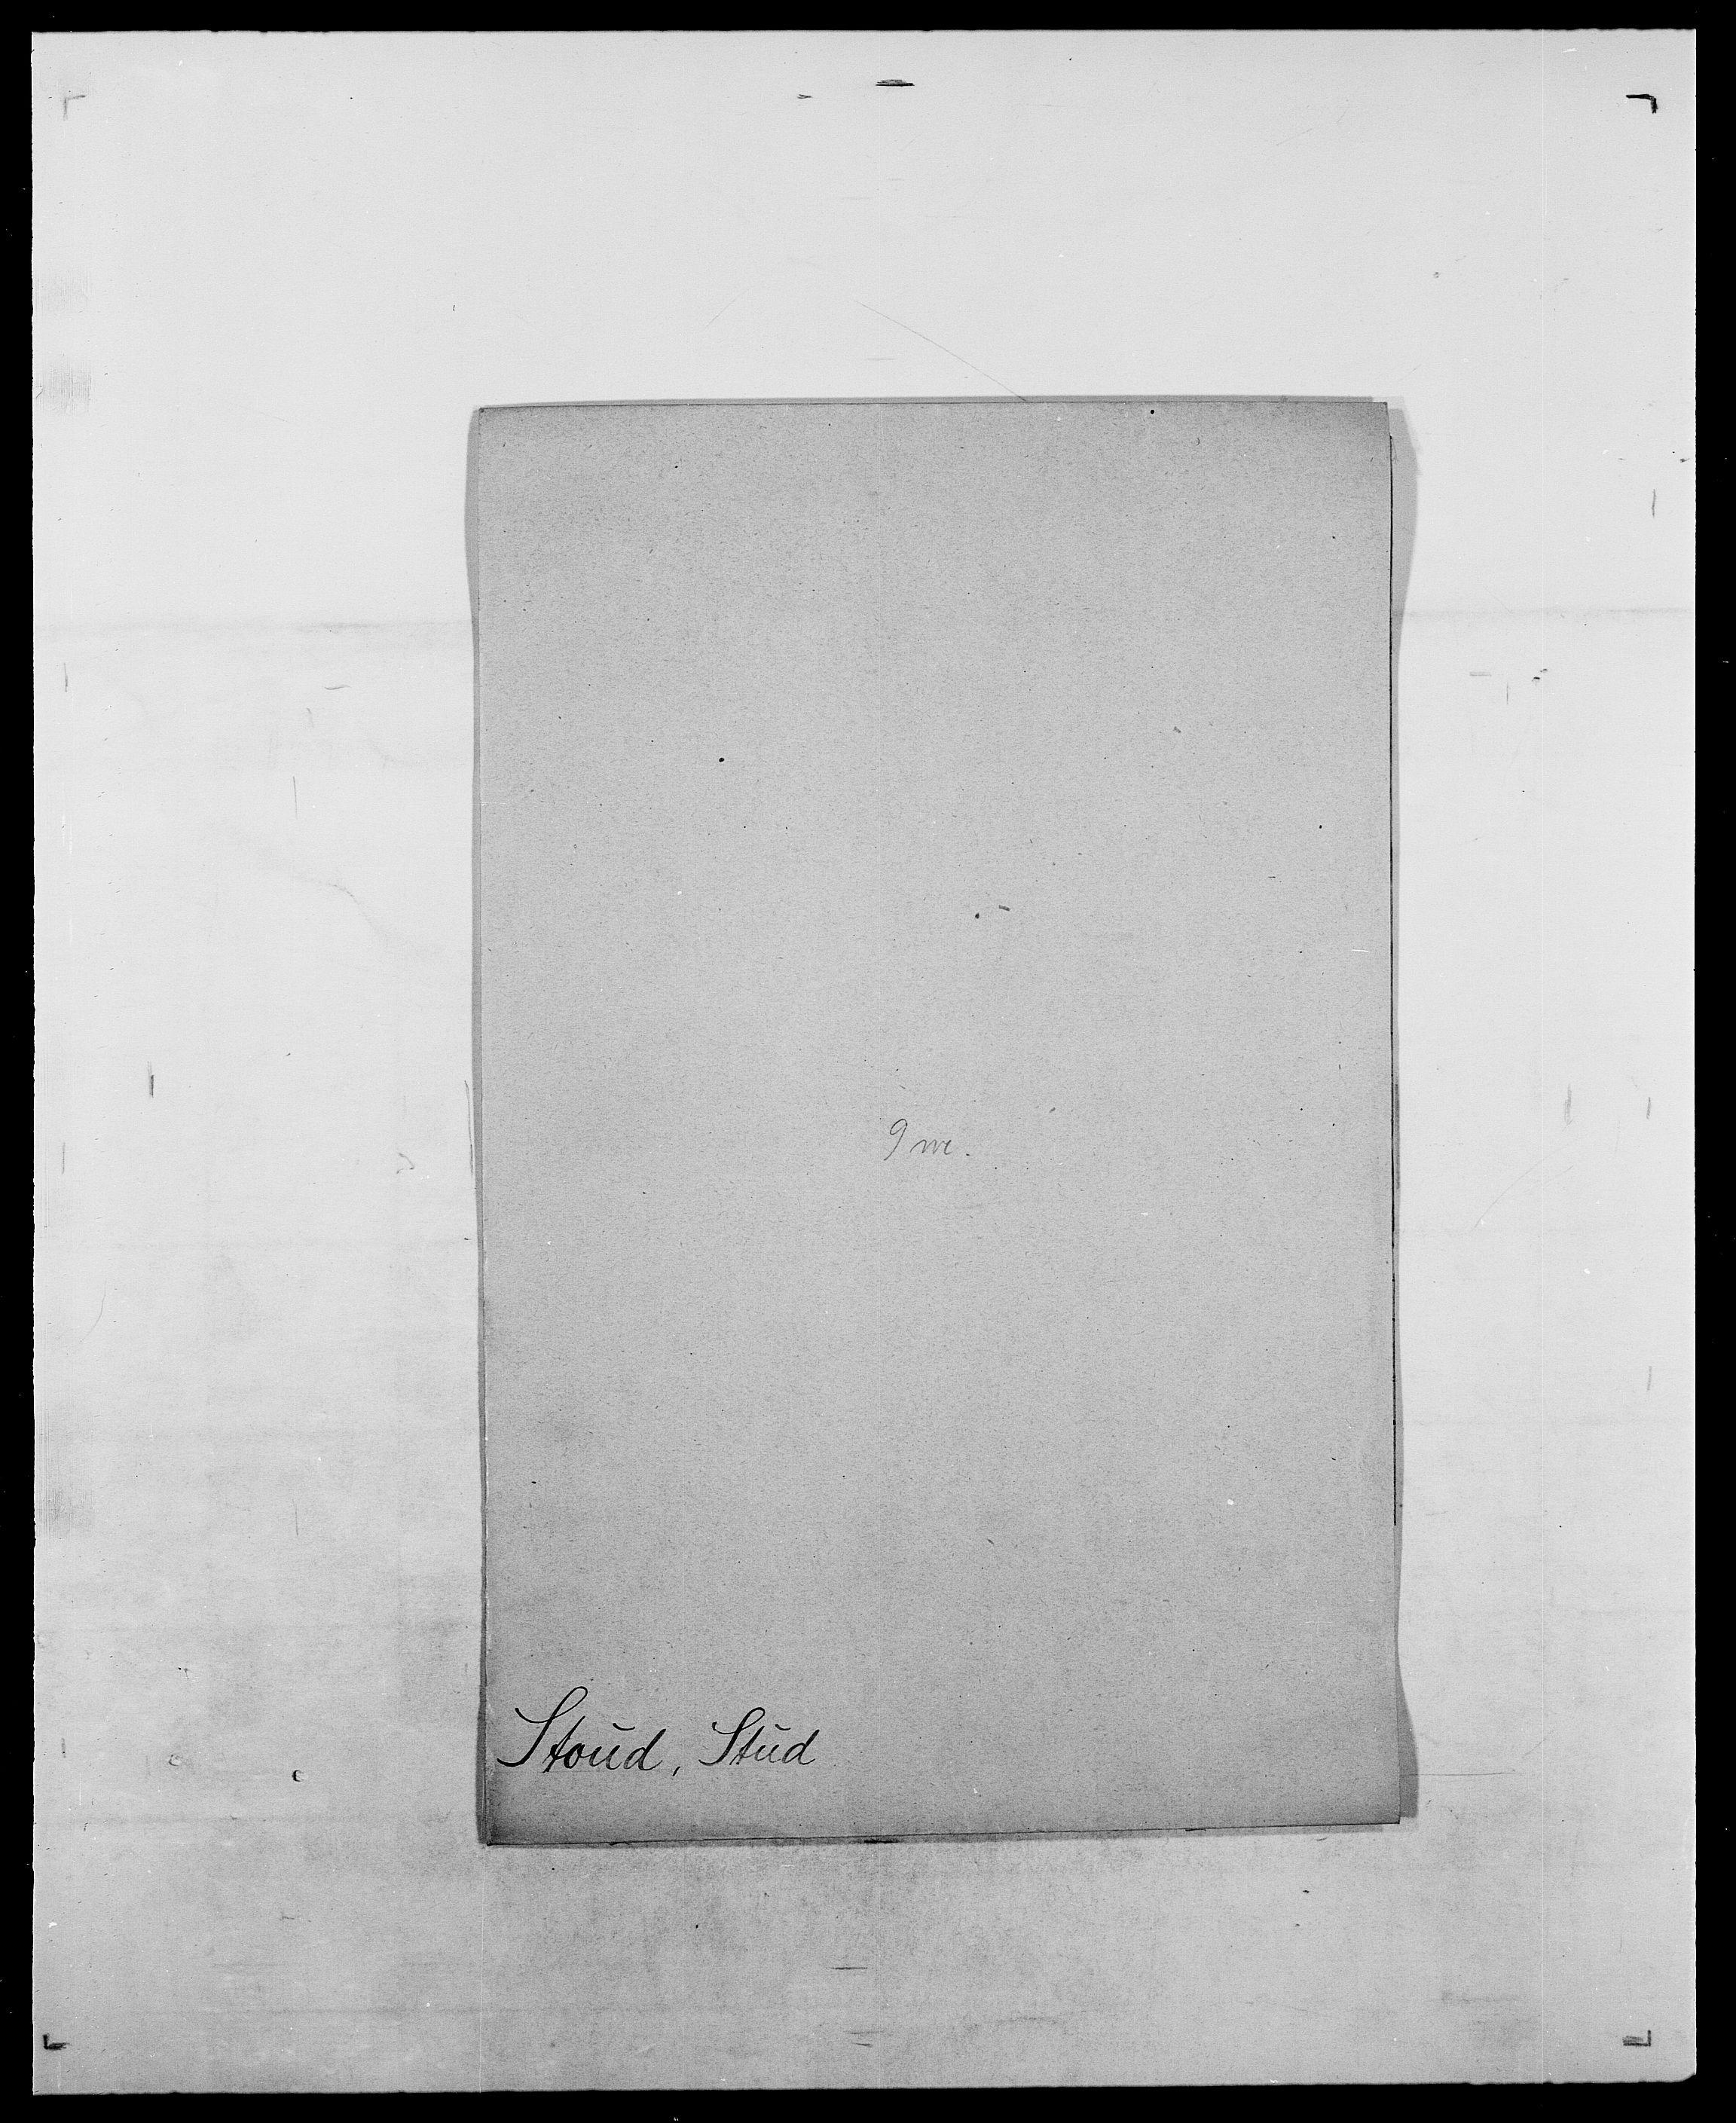 SAO, Delgobe, Charles Antoine - samling, D/Da/L0037: Steen, Sthen, Stein - Svare, Svanige, Svanne, se også Svanning og Schwane, s. 525